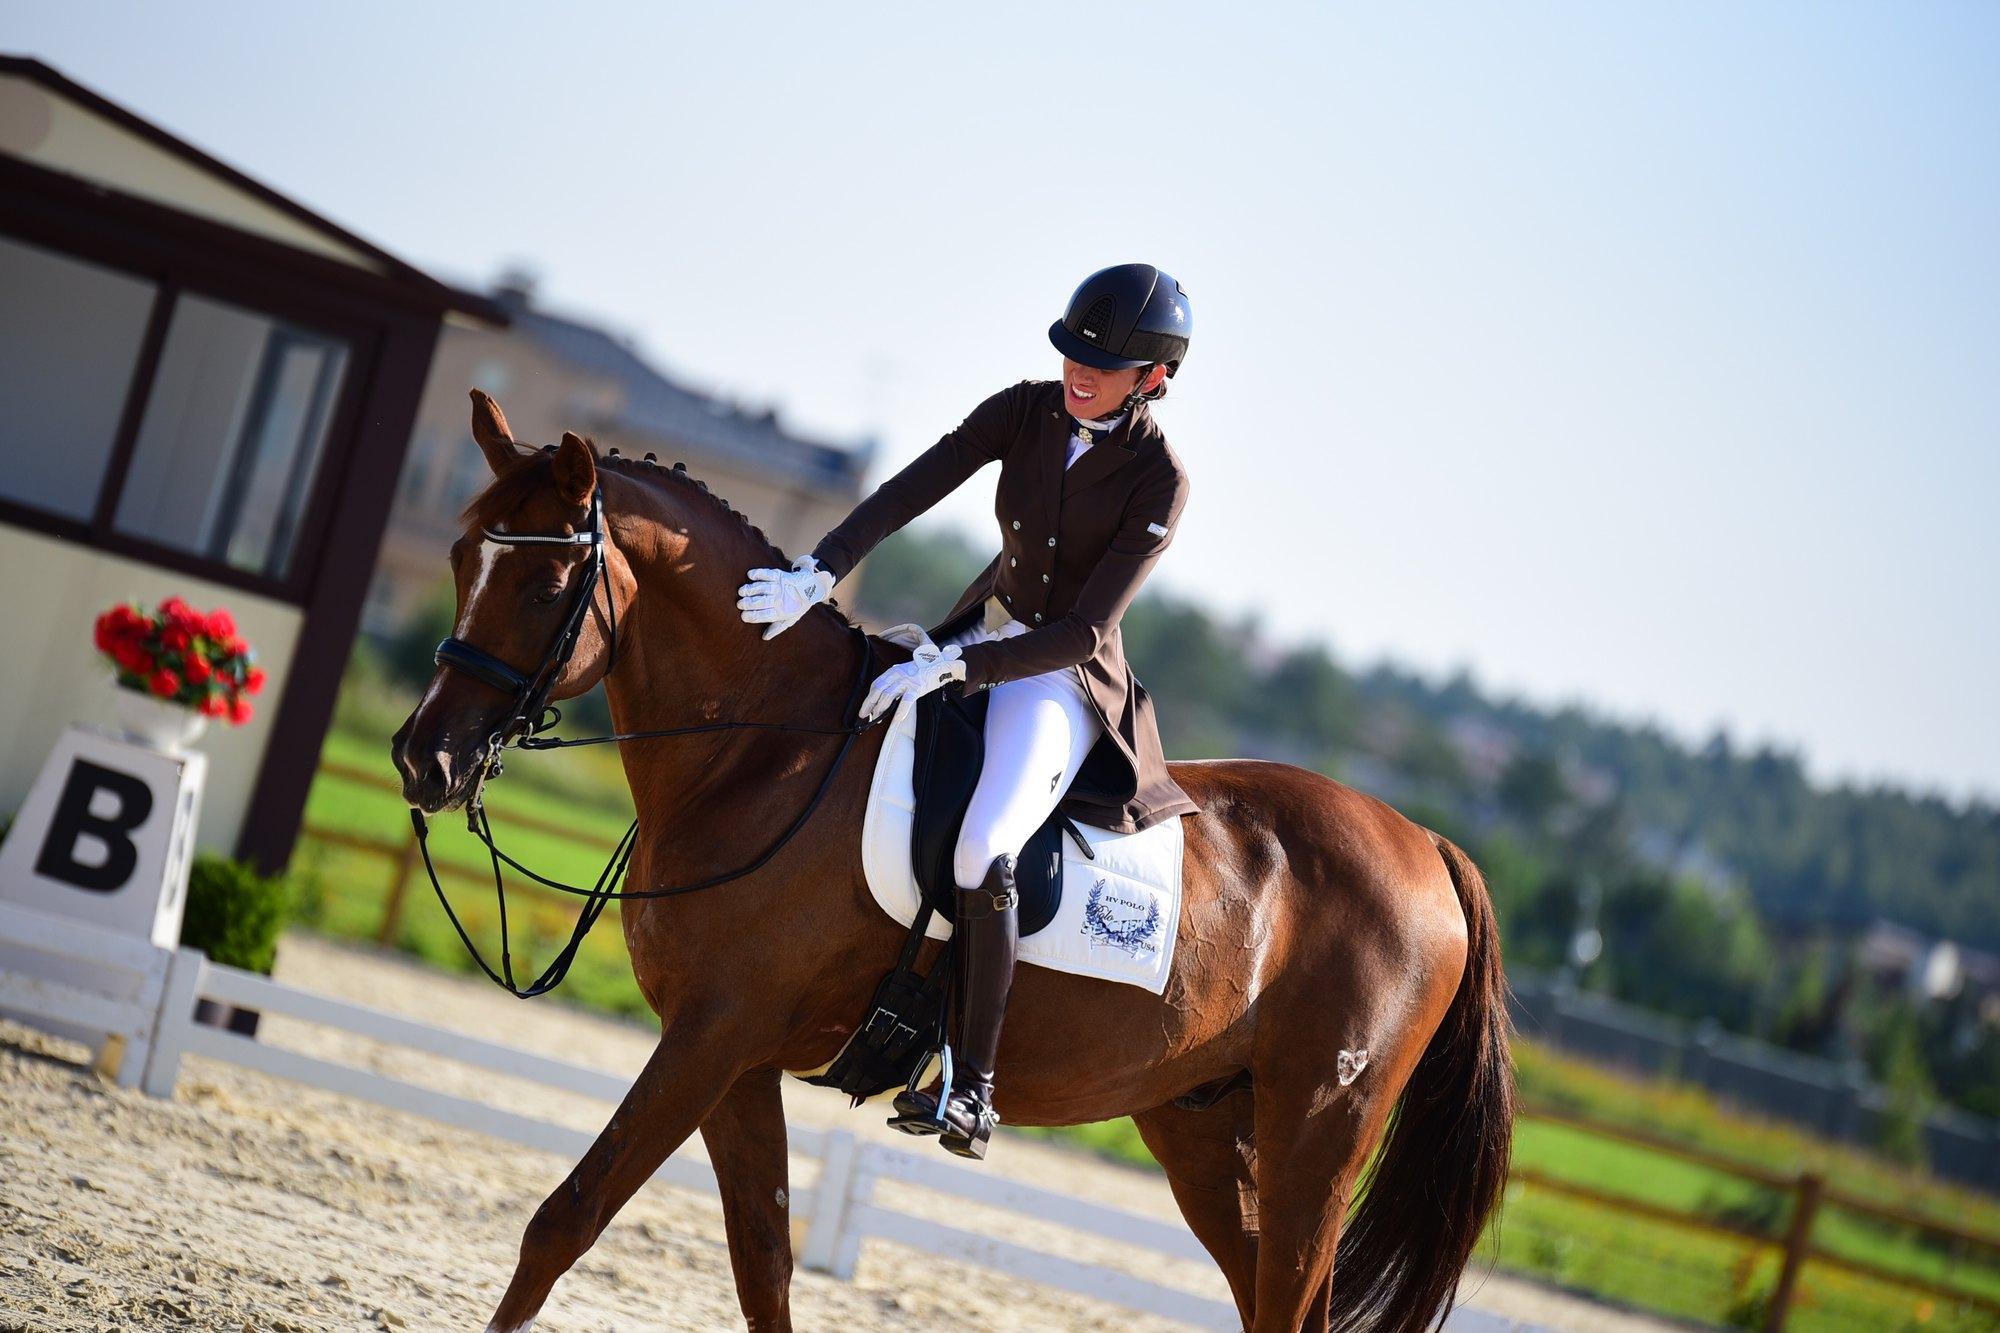 сентября как фотографировать конный спорт нтв, которую